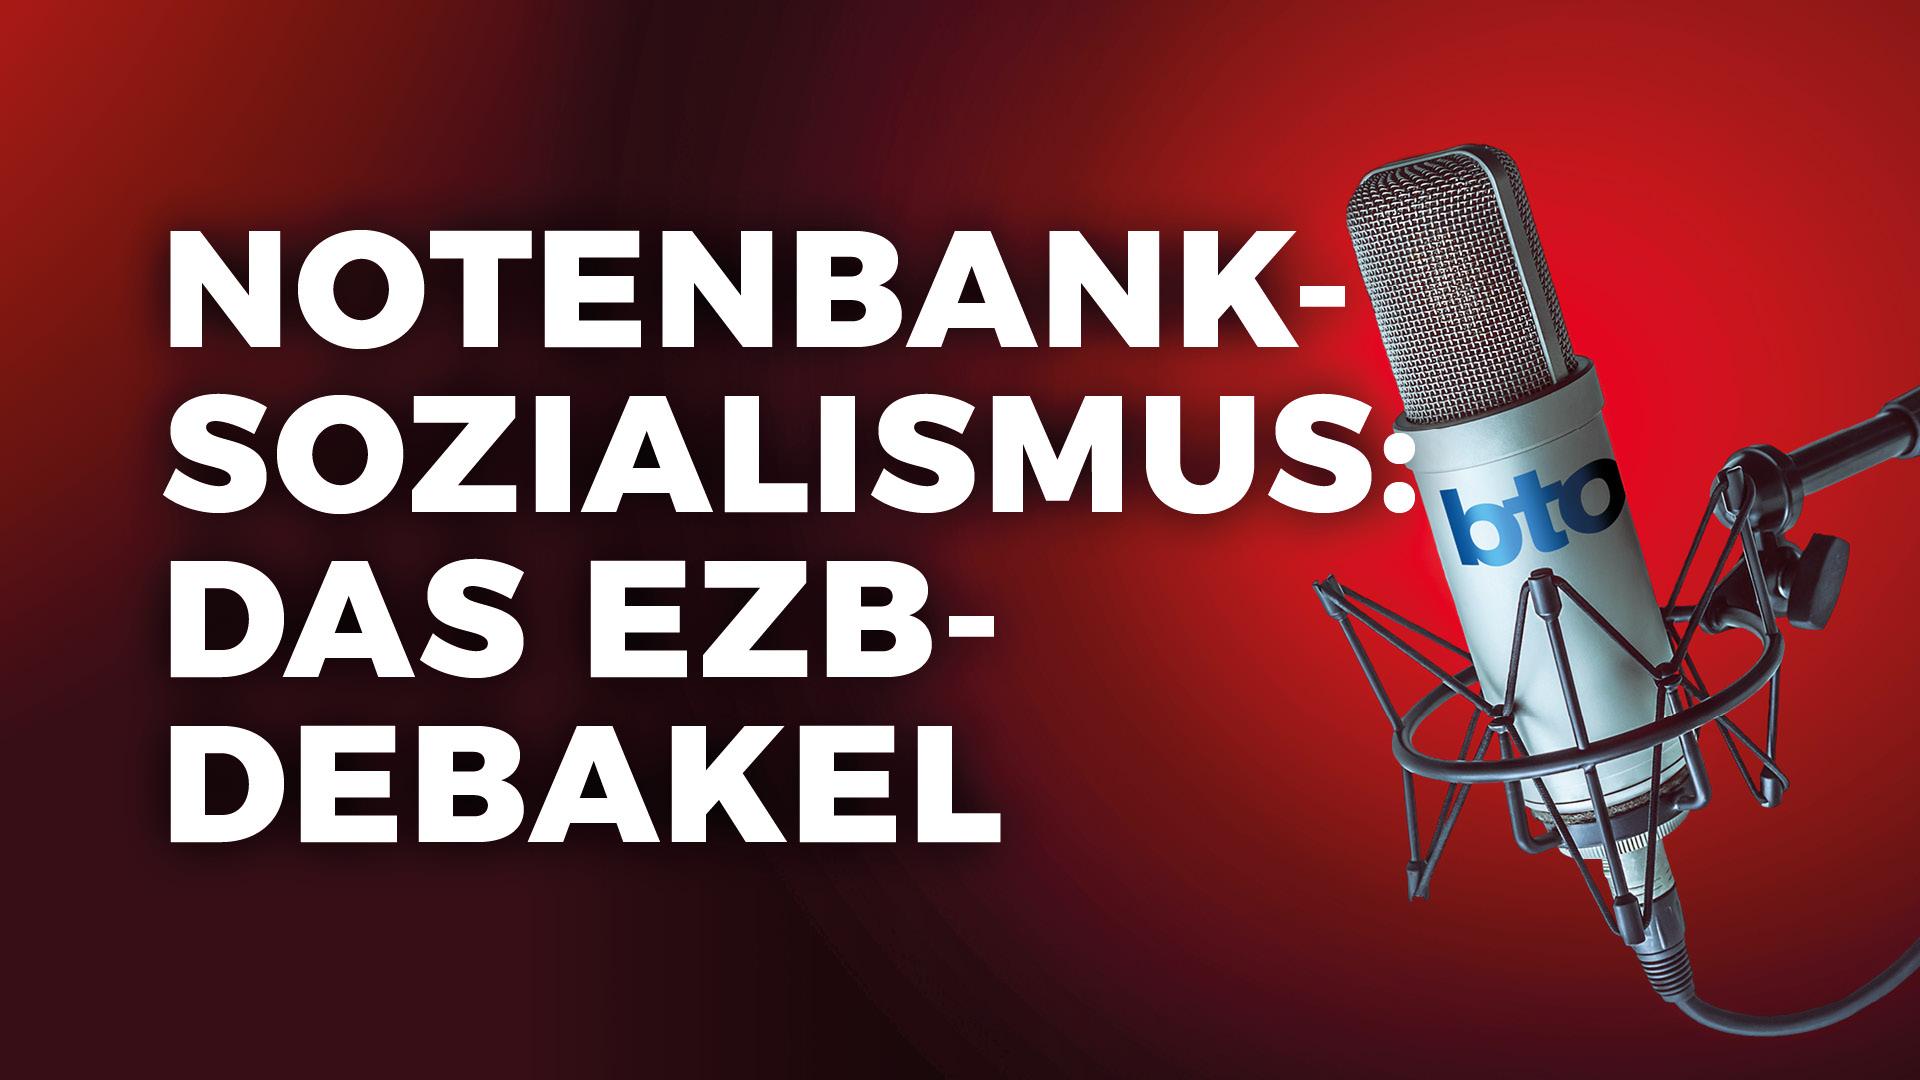 Der fatale Notenbanksozialismus der EZB